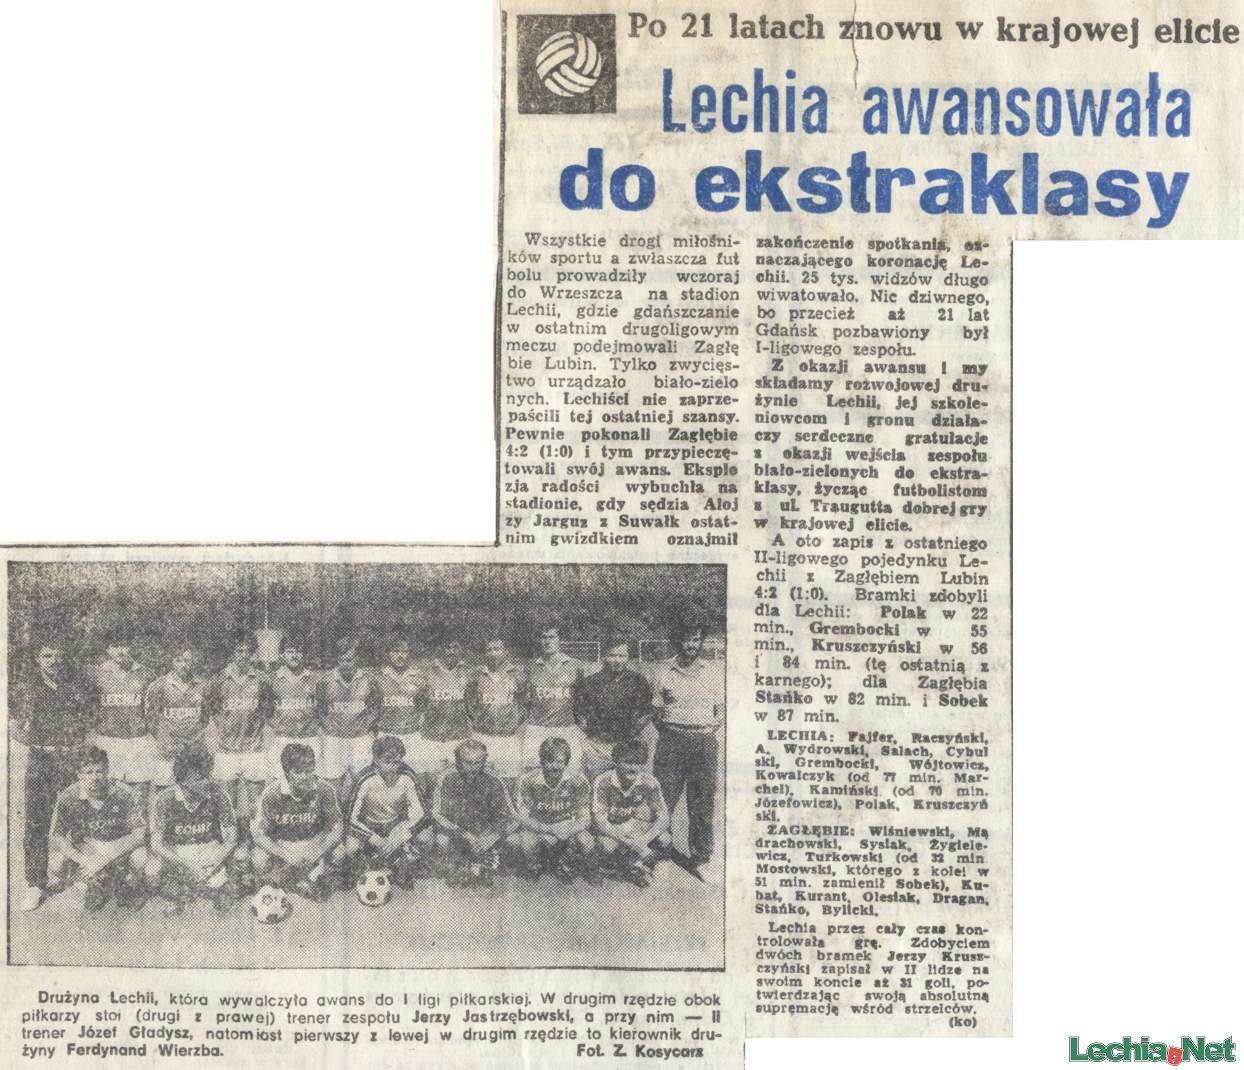 Relacja prasowa z meczu Lechia-Zagłębie Lubin